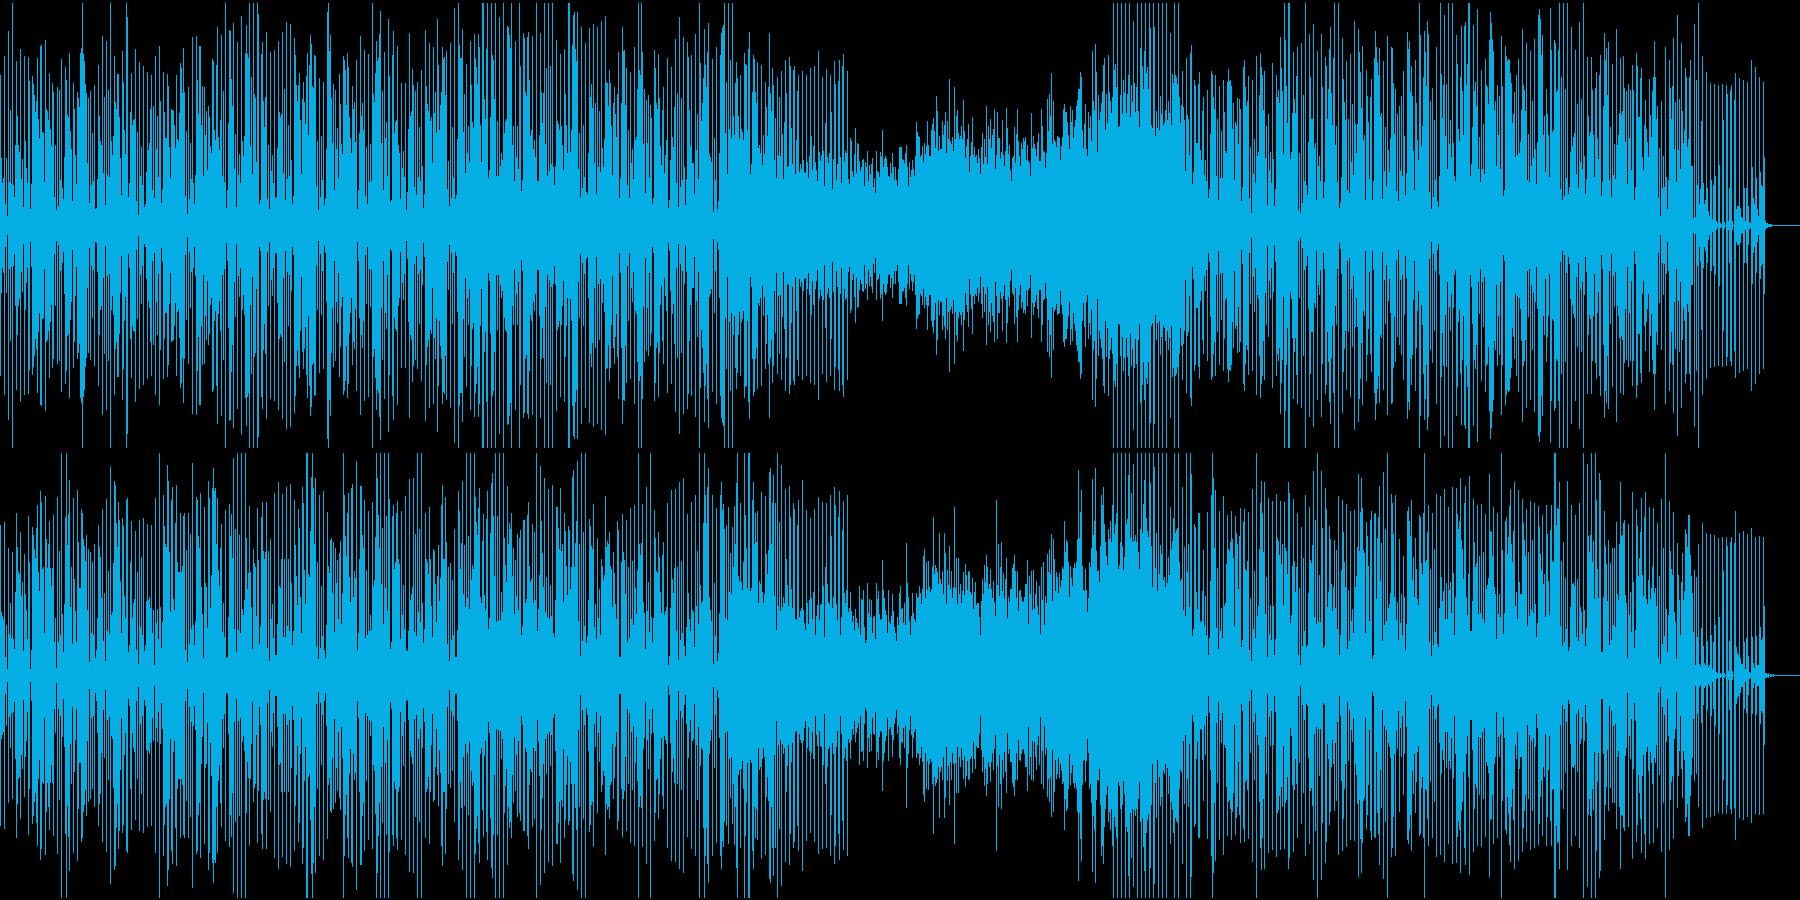 クールでおしゃれなテクノ系BGMの再生済みの波形